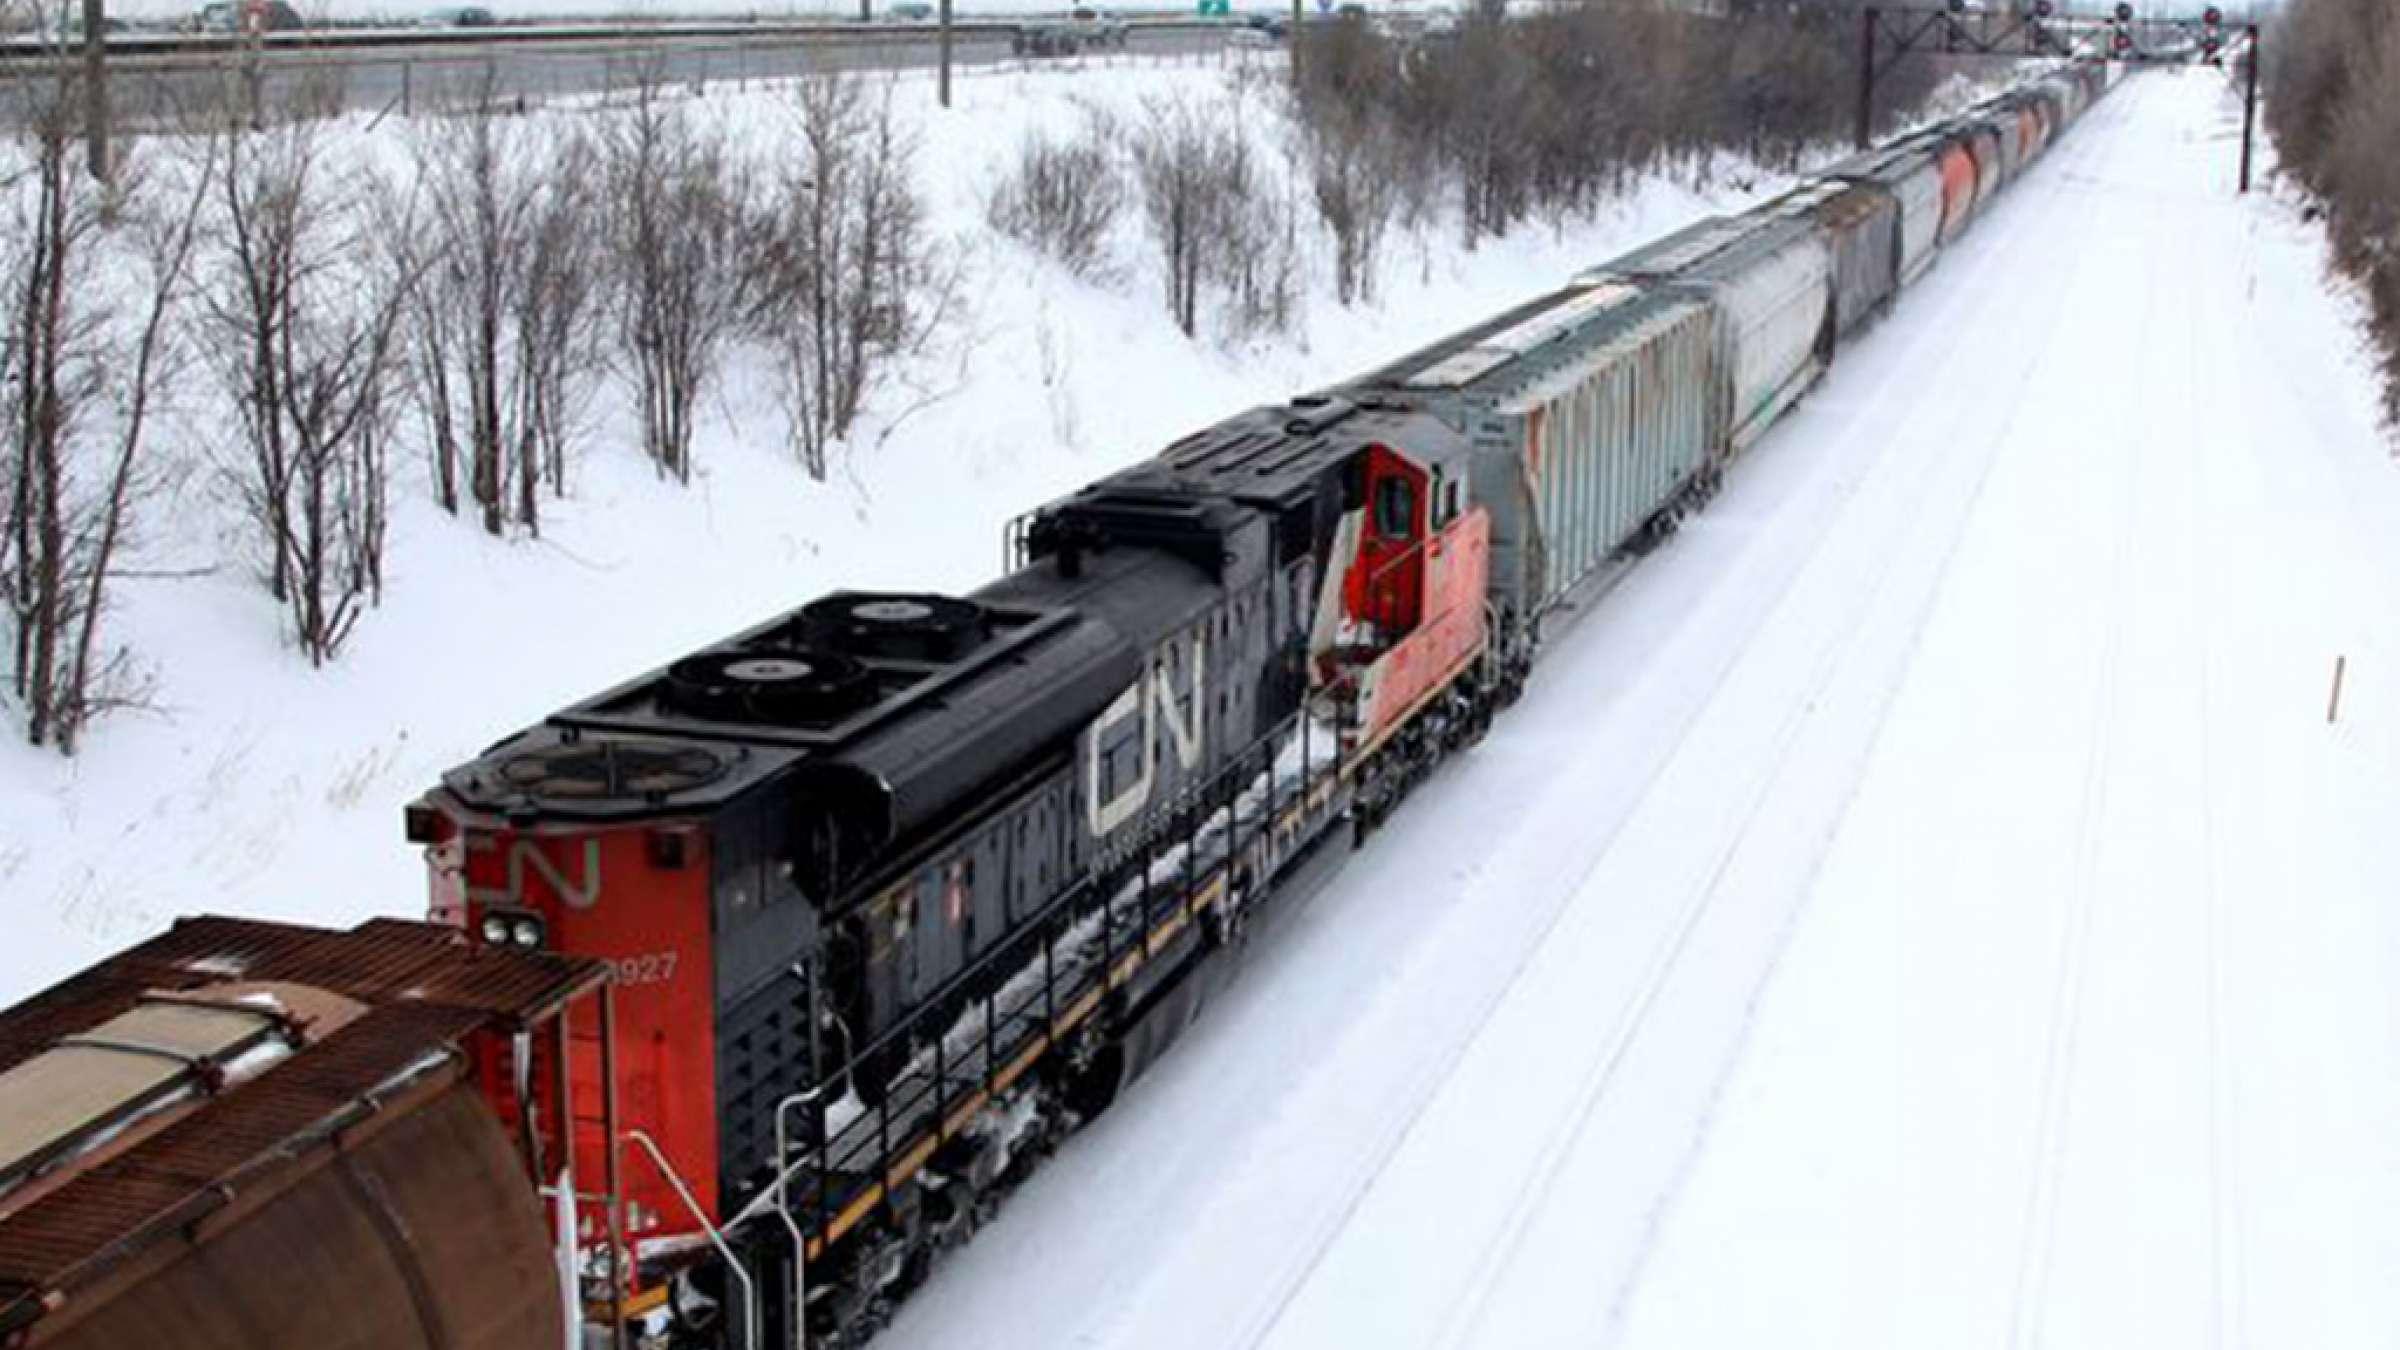 اخبار-کانادا-راهآهن-کانادا-نیروهای-خود-را-اخراج-میکند-کارمندان-اعتصاب-کردند